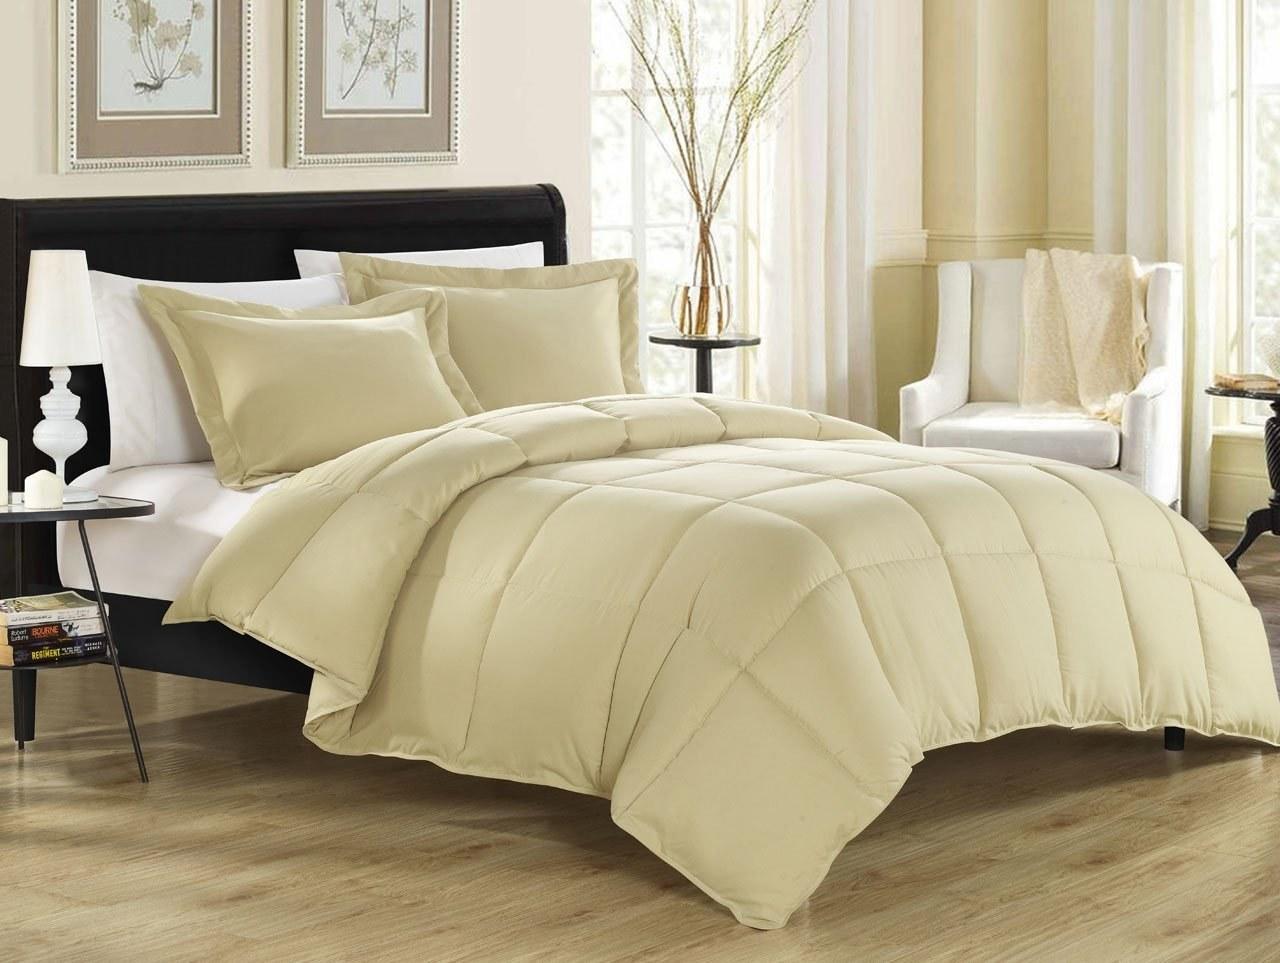 queen amazon comforters american to home best kitchen buy denim place only dp comforter com